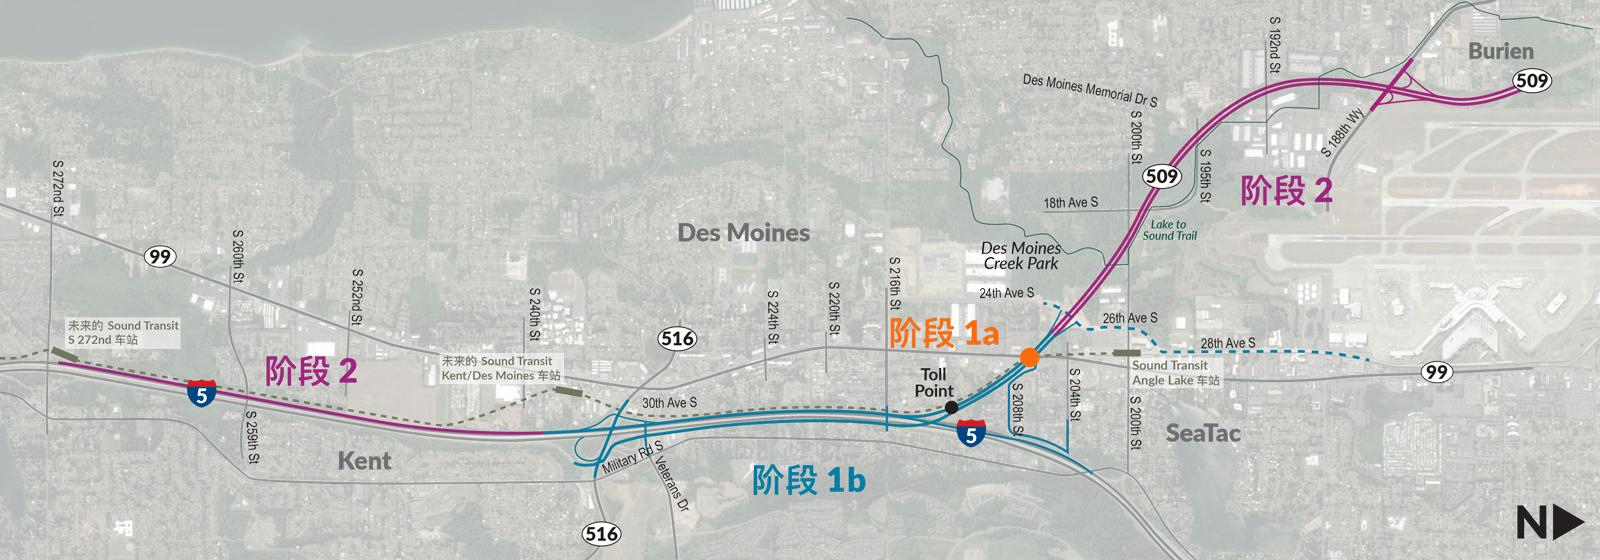 该项目将通过改进交叉道,建造可以连接I-5和SR 509,以及SR509高速公路首个英里的新匝道来改善该区域的交通。